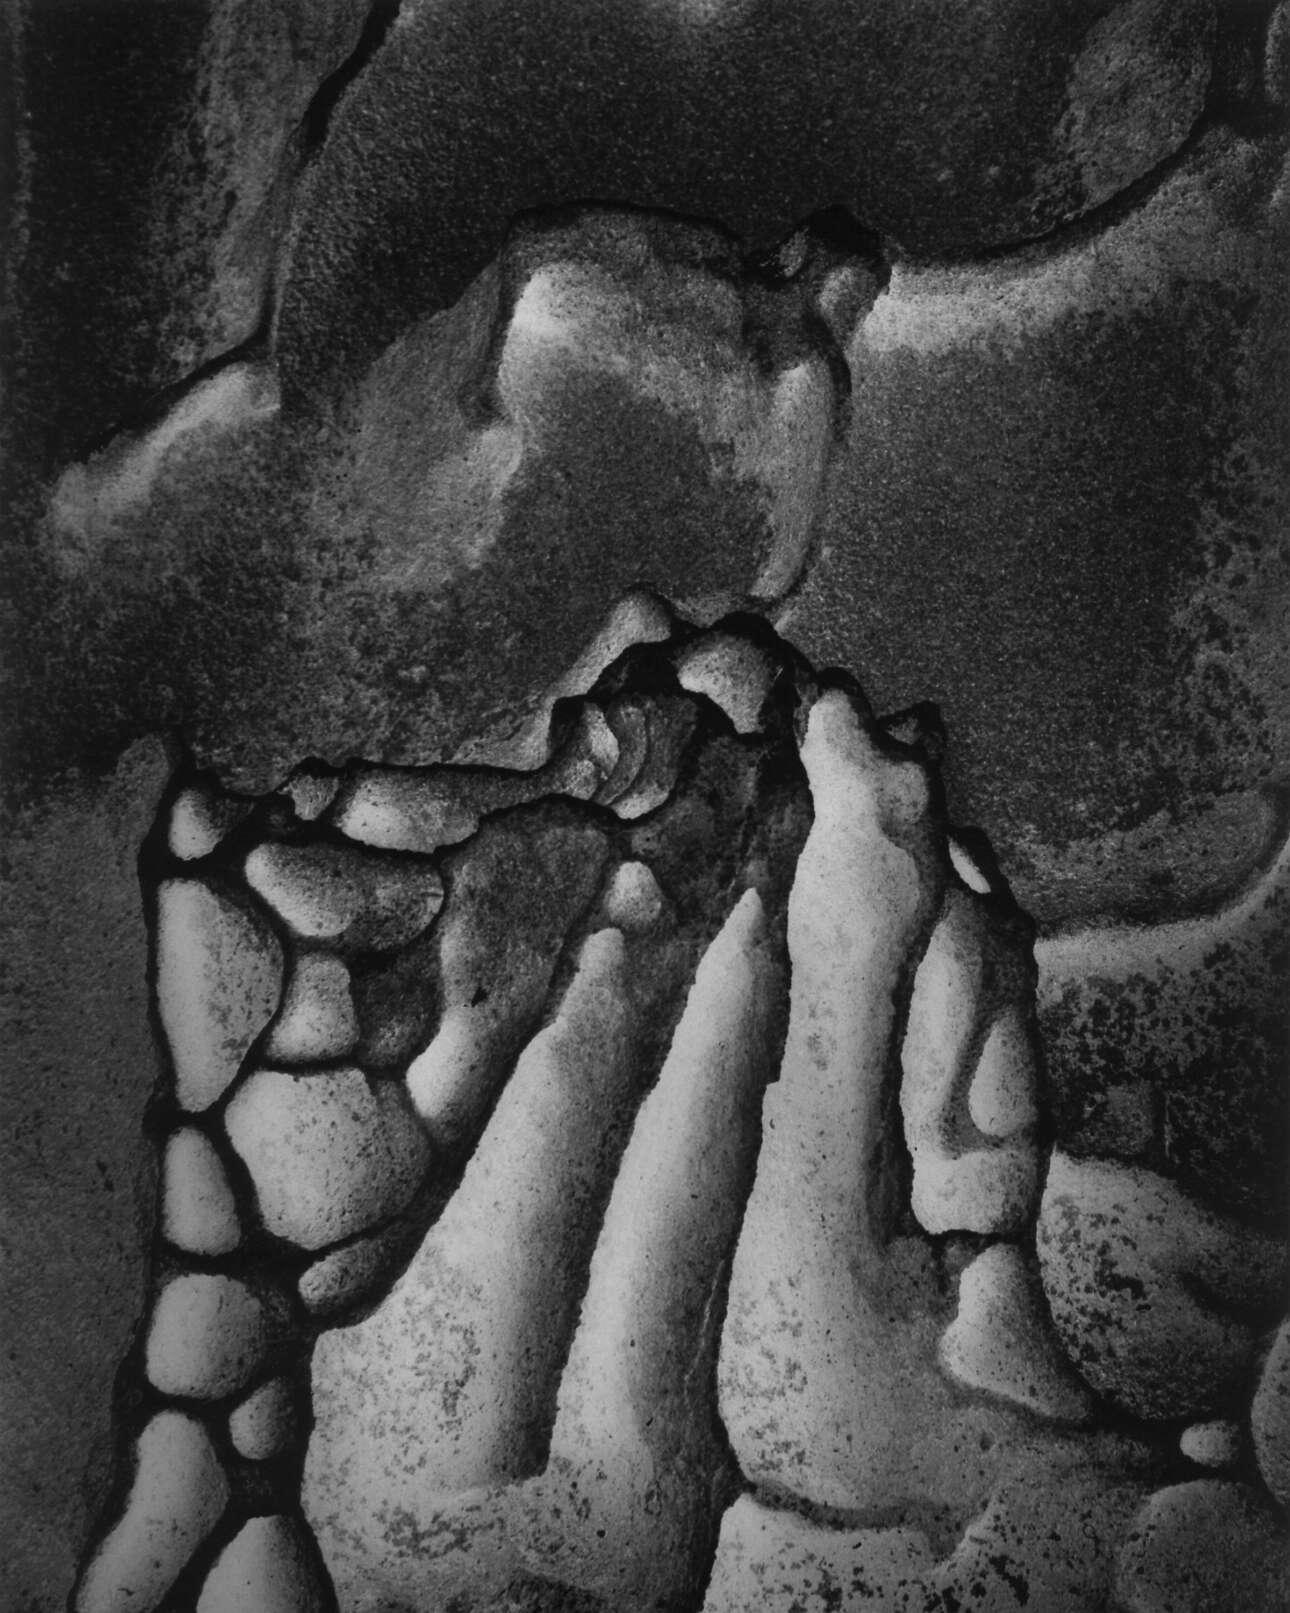 «Βράχος», 1971. Οι εικόνες του Μπούλοκ συνδέονται με έναν συγκεκριμένο τόπο και χρόνο, ενώ παράλληλα μιλούν με καθολικούς όρους